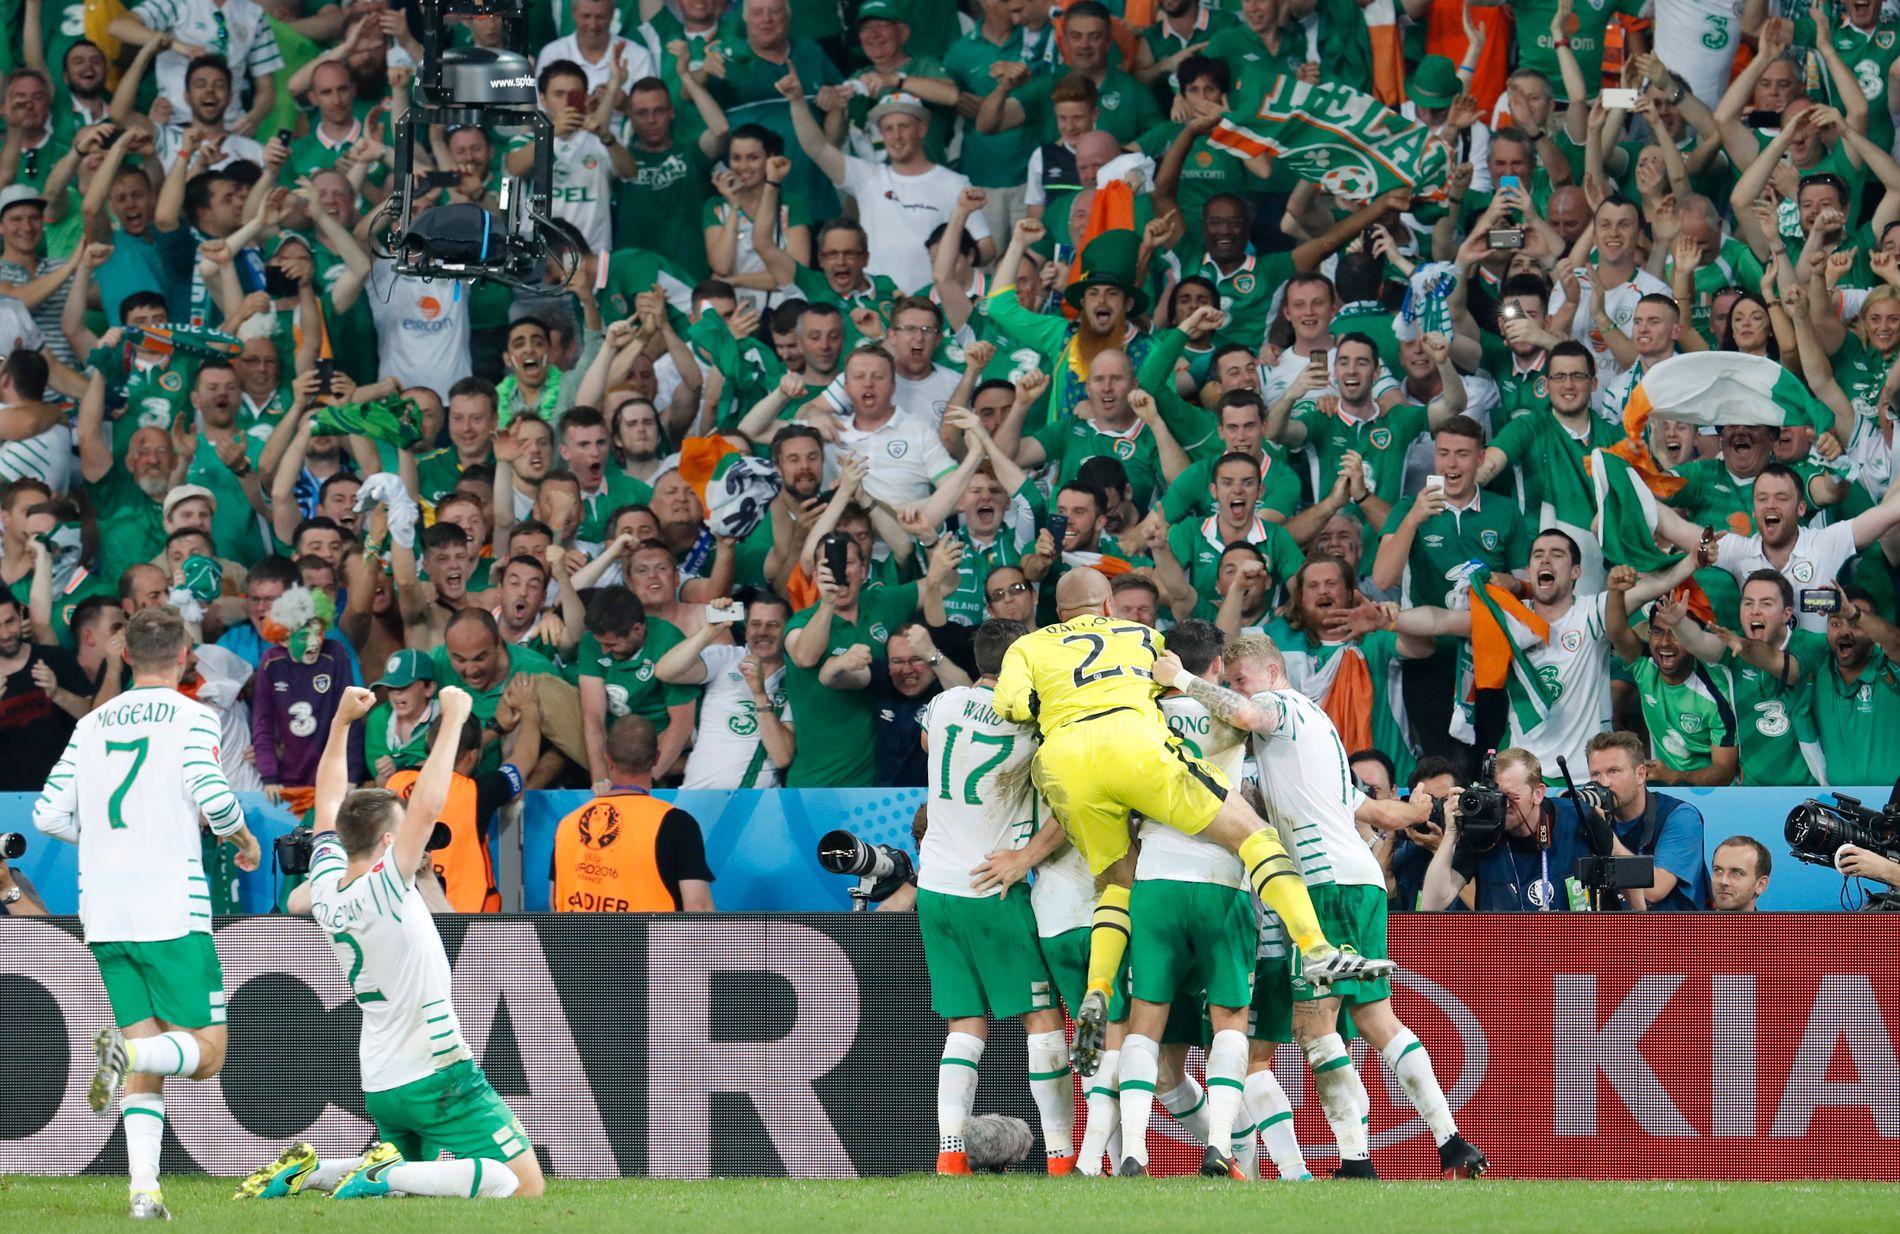 VIDERE PÅ TAMPEN: Irland feirer ellevilt etter 1-0-seieren over Italia som sender dem videre i EM.